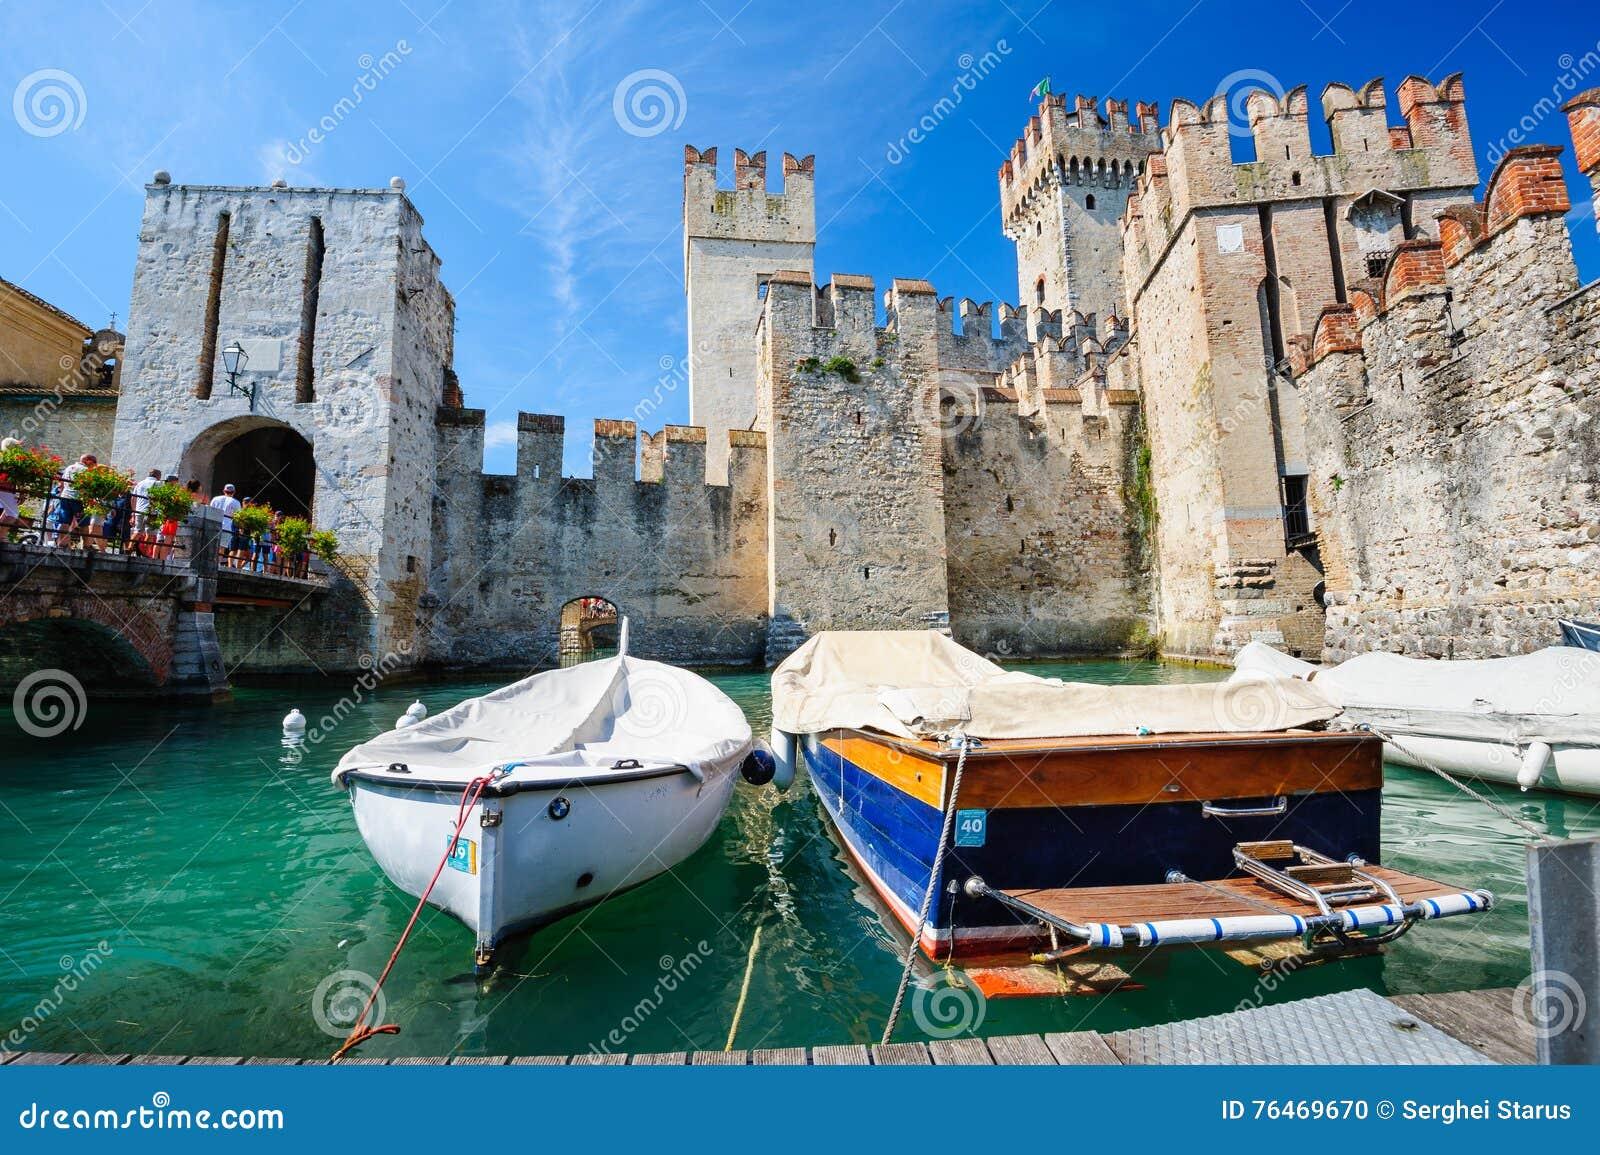 Средневековый замок Scaliger в старом городке Sirmione на озере Lago di Garda, северной Италии